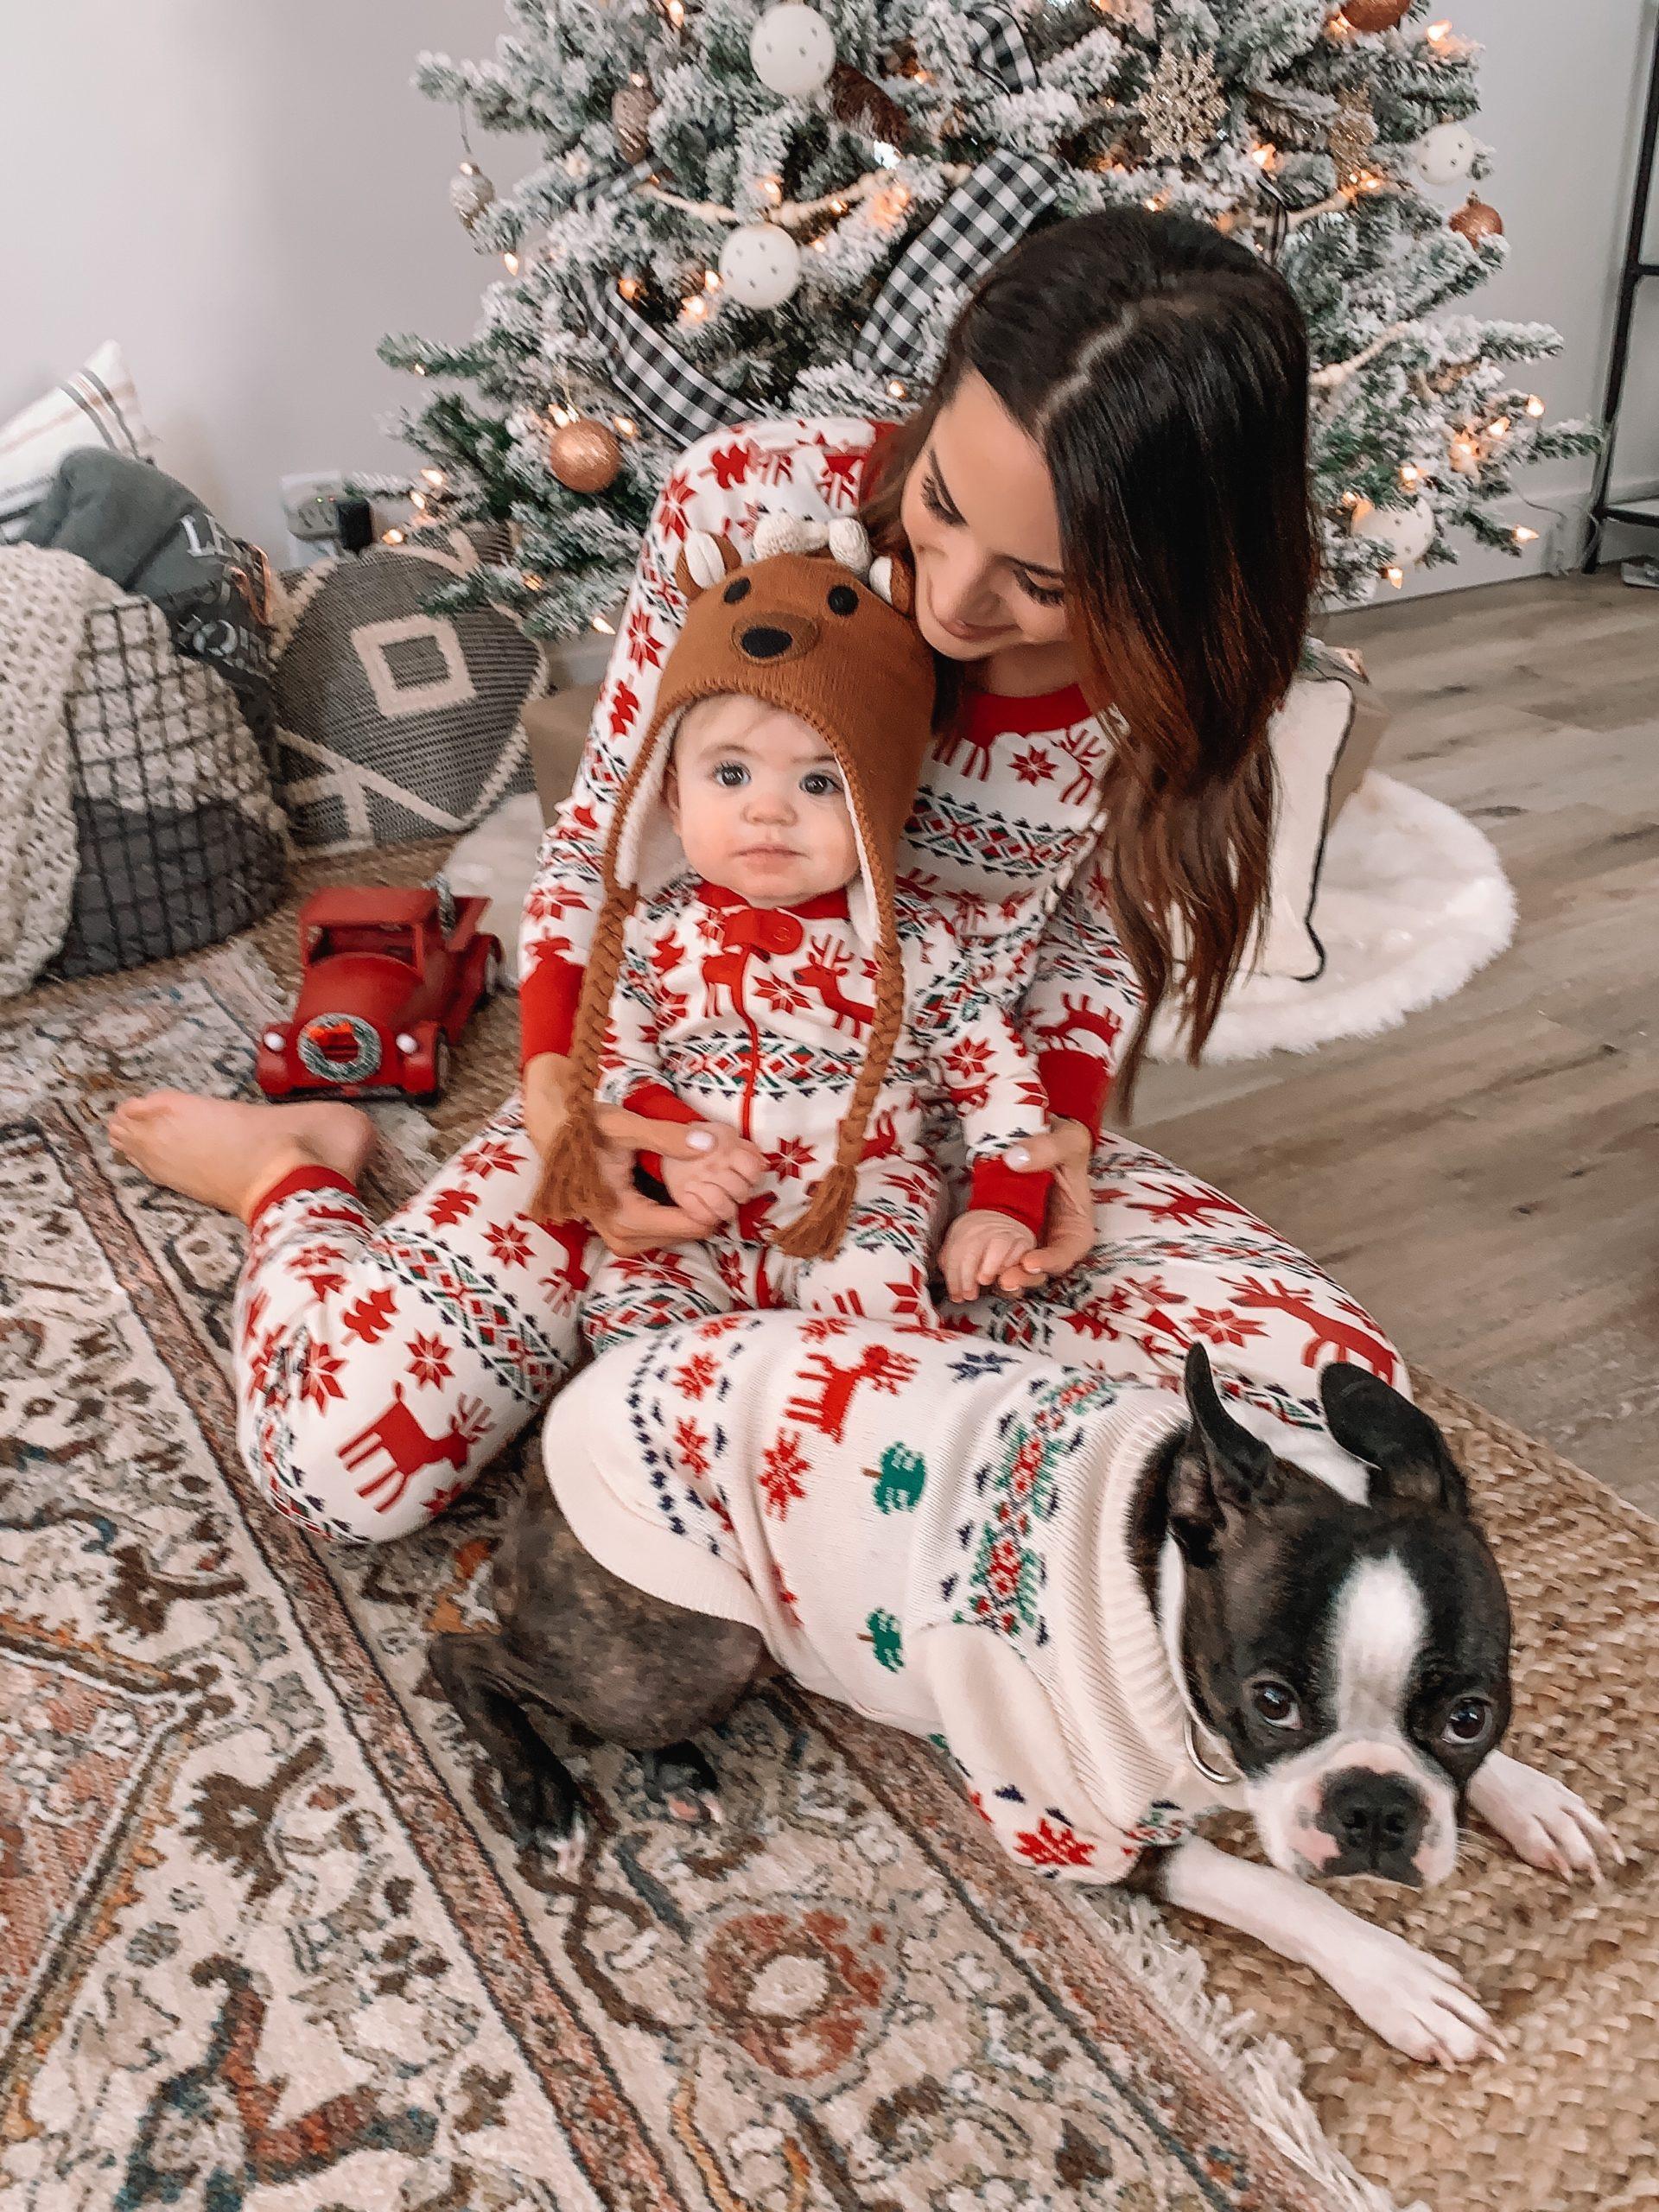 hanna Anderson matching family Christmas pajamas, new family Christmas traditions